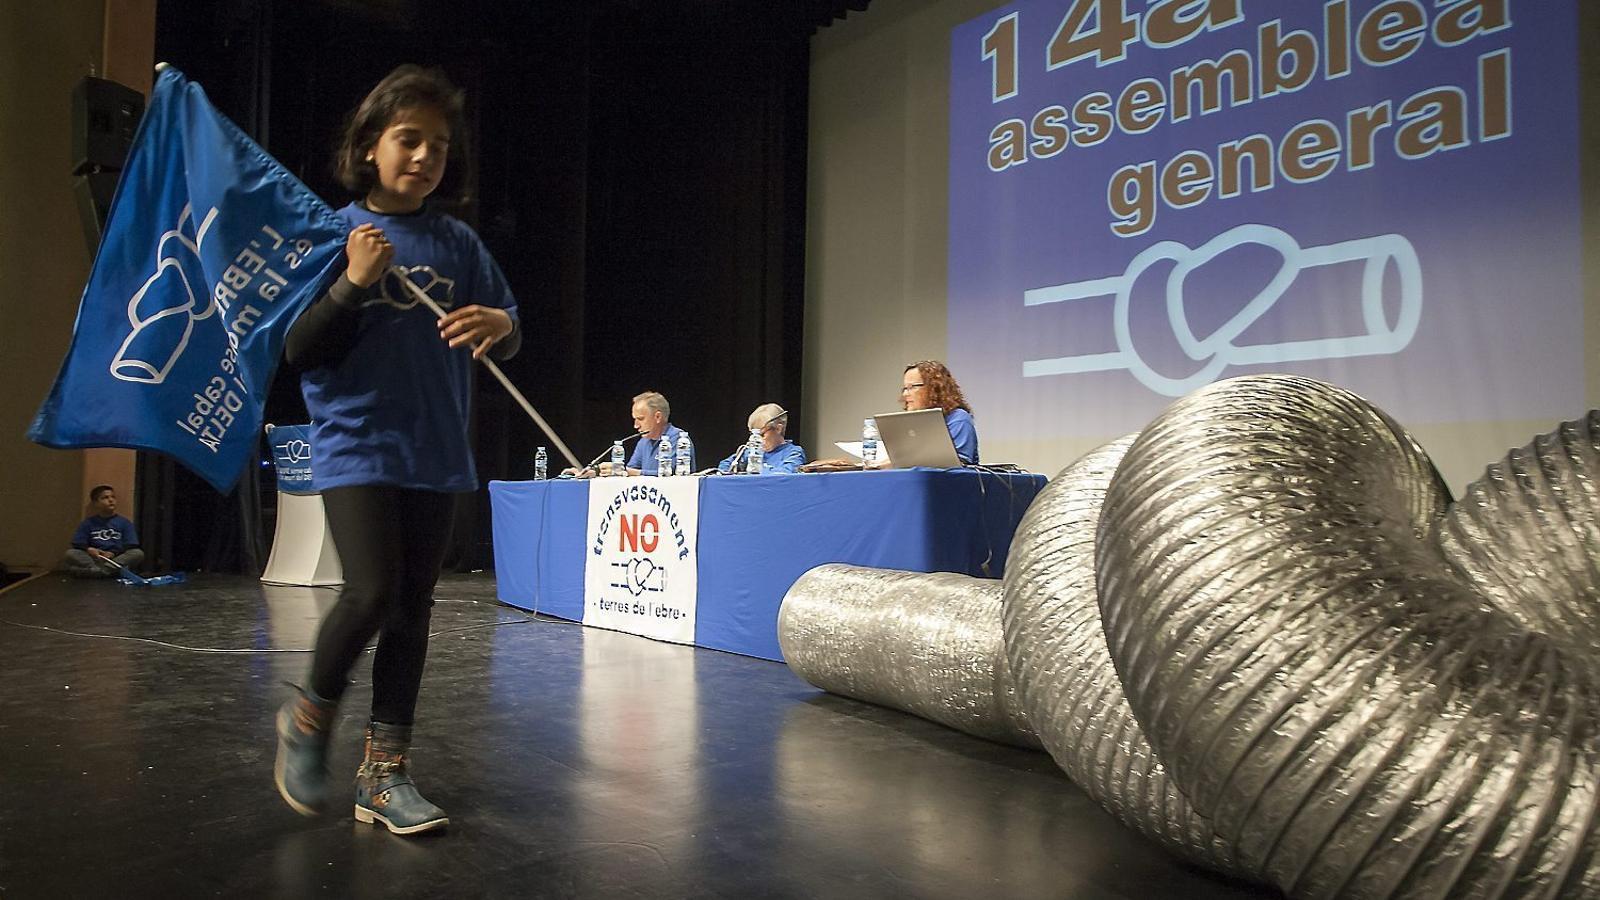 Imatge de l'assemblea de la Plataforma en Defensa de l'Ebre d'ahir a Tortosa.